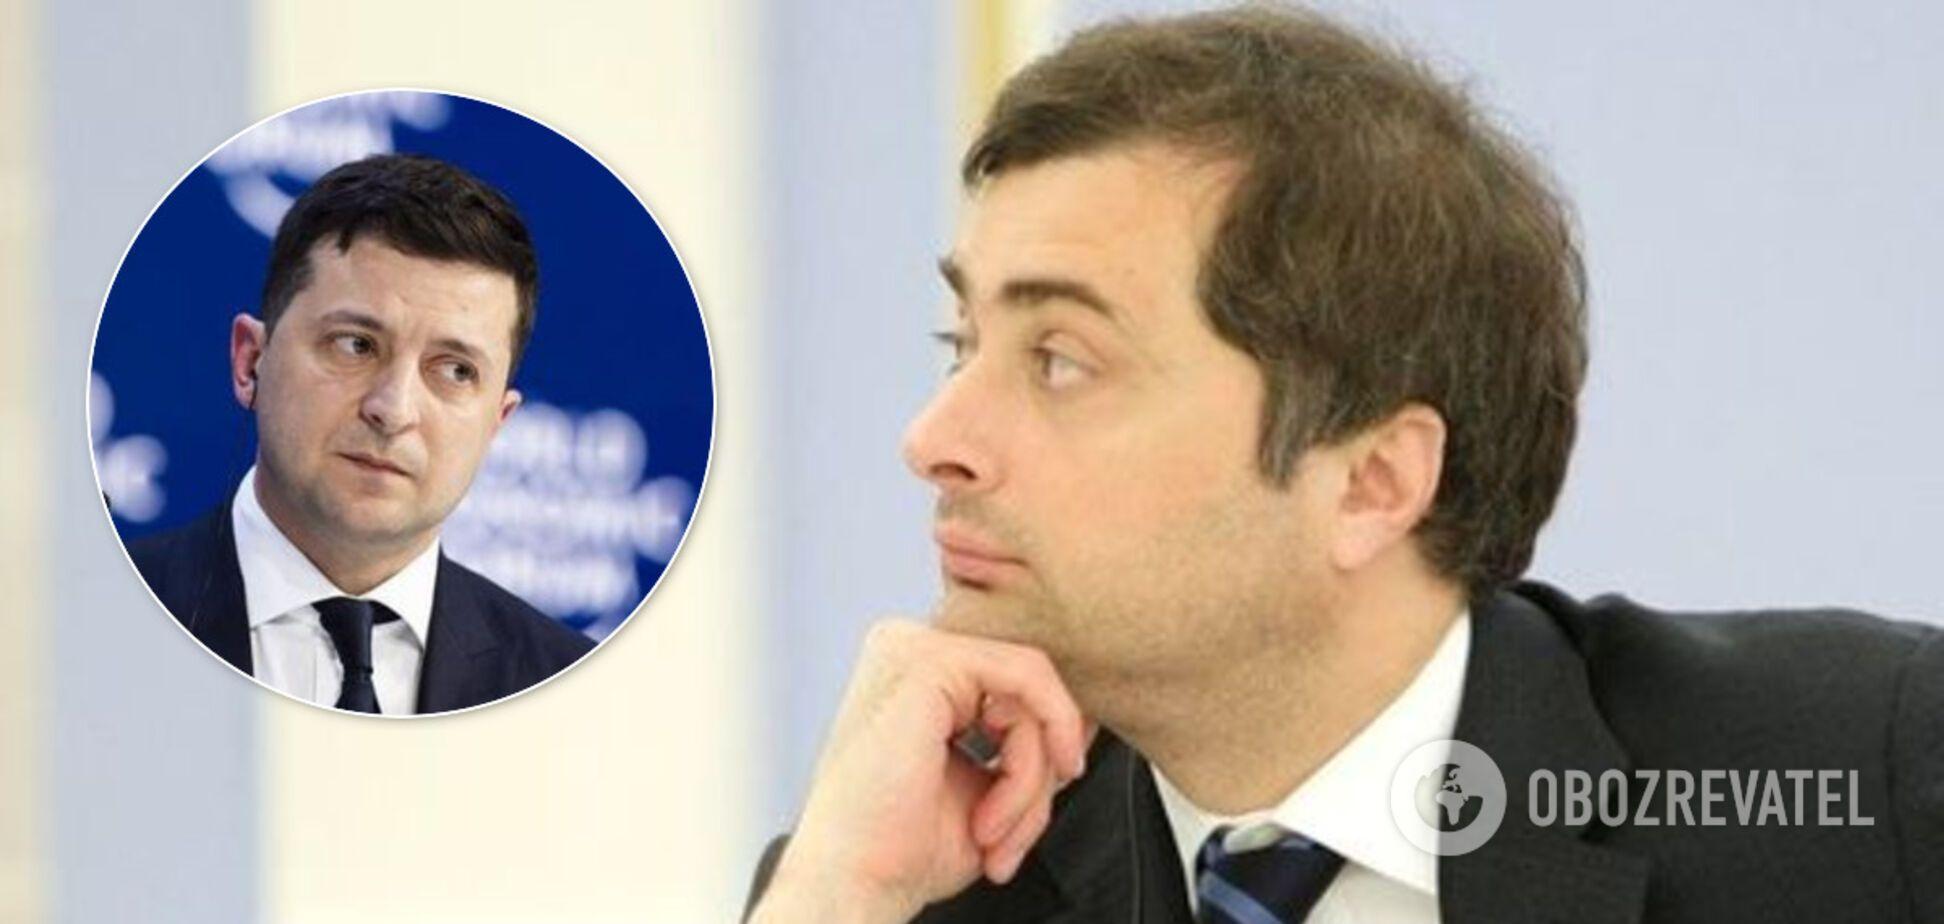 Сурков: Зеленський – 'не лох', його сприйняли як президента